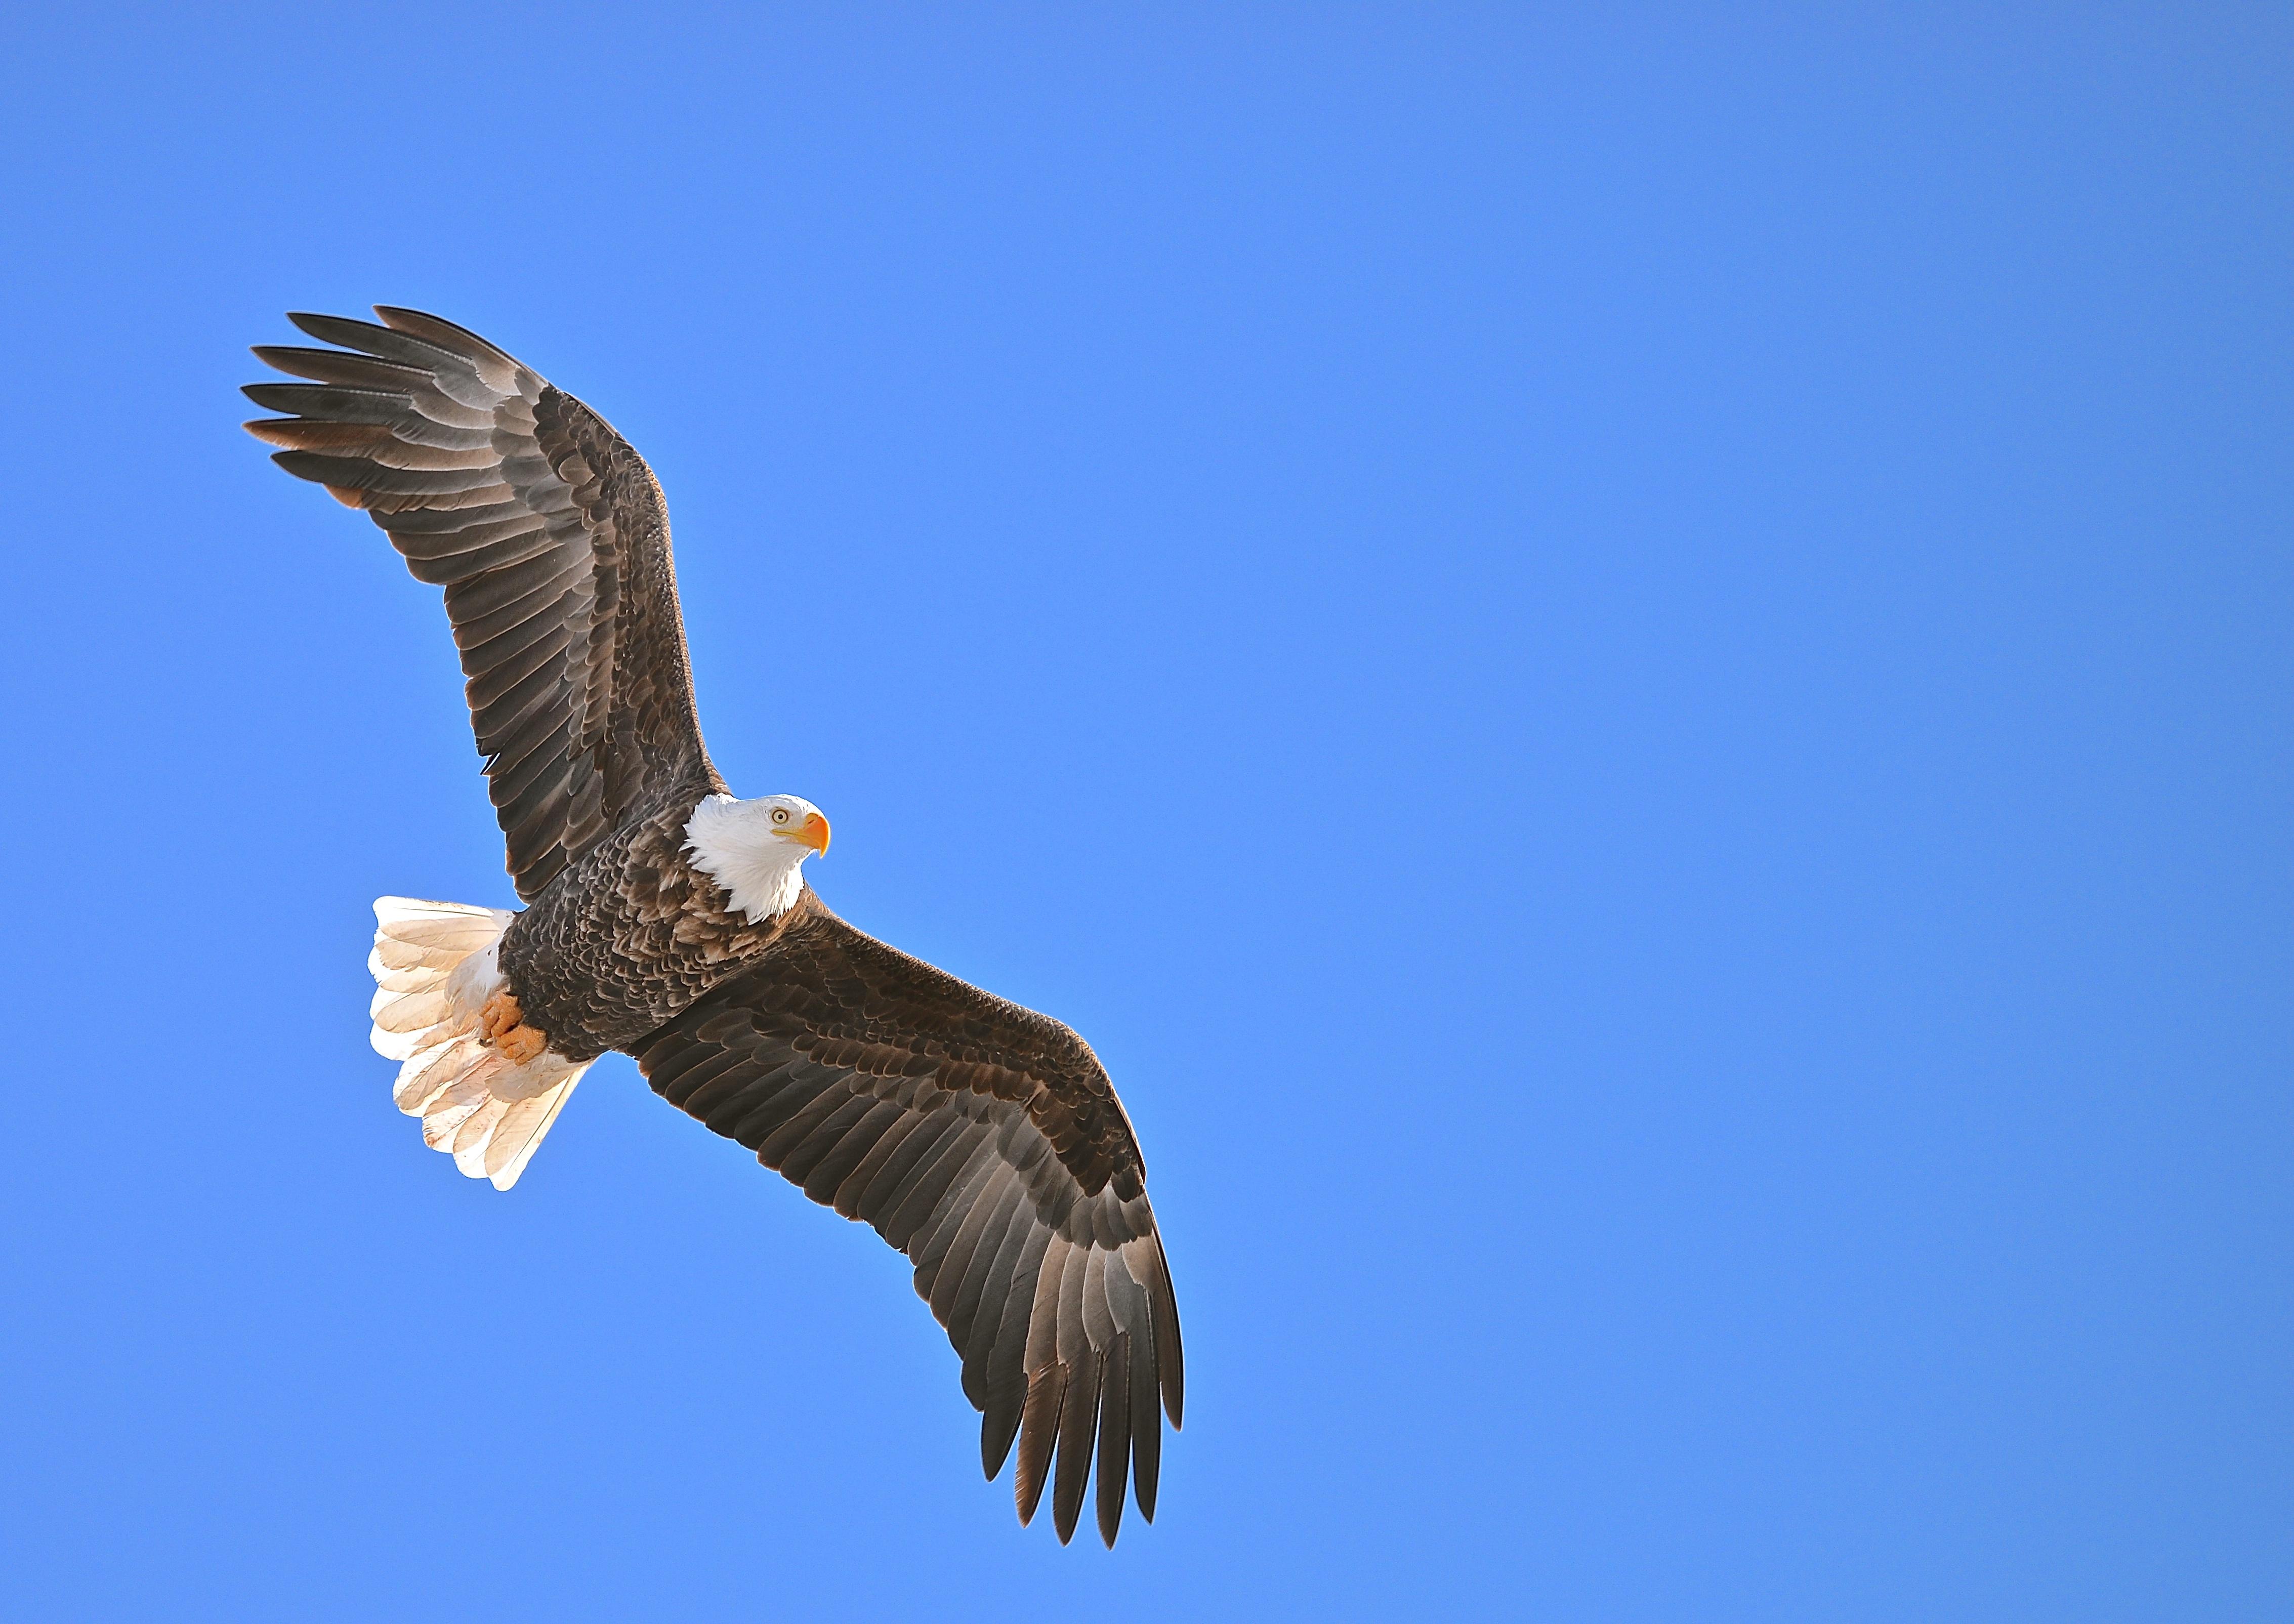 вариант фото и картинки парящего орла числе других